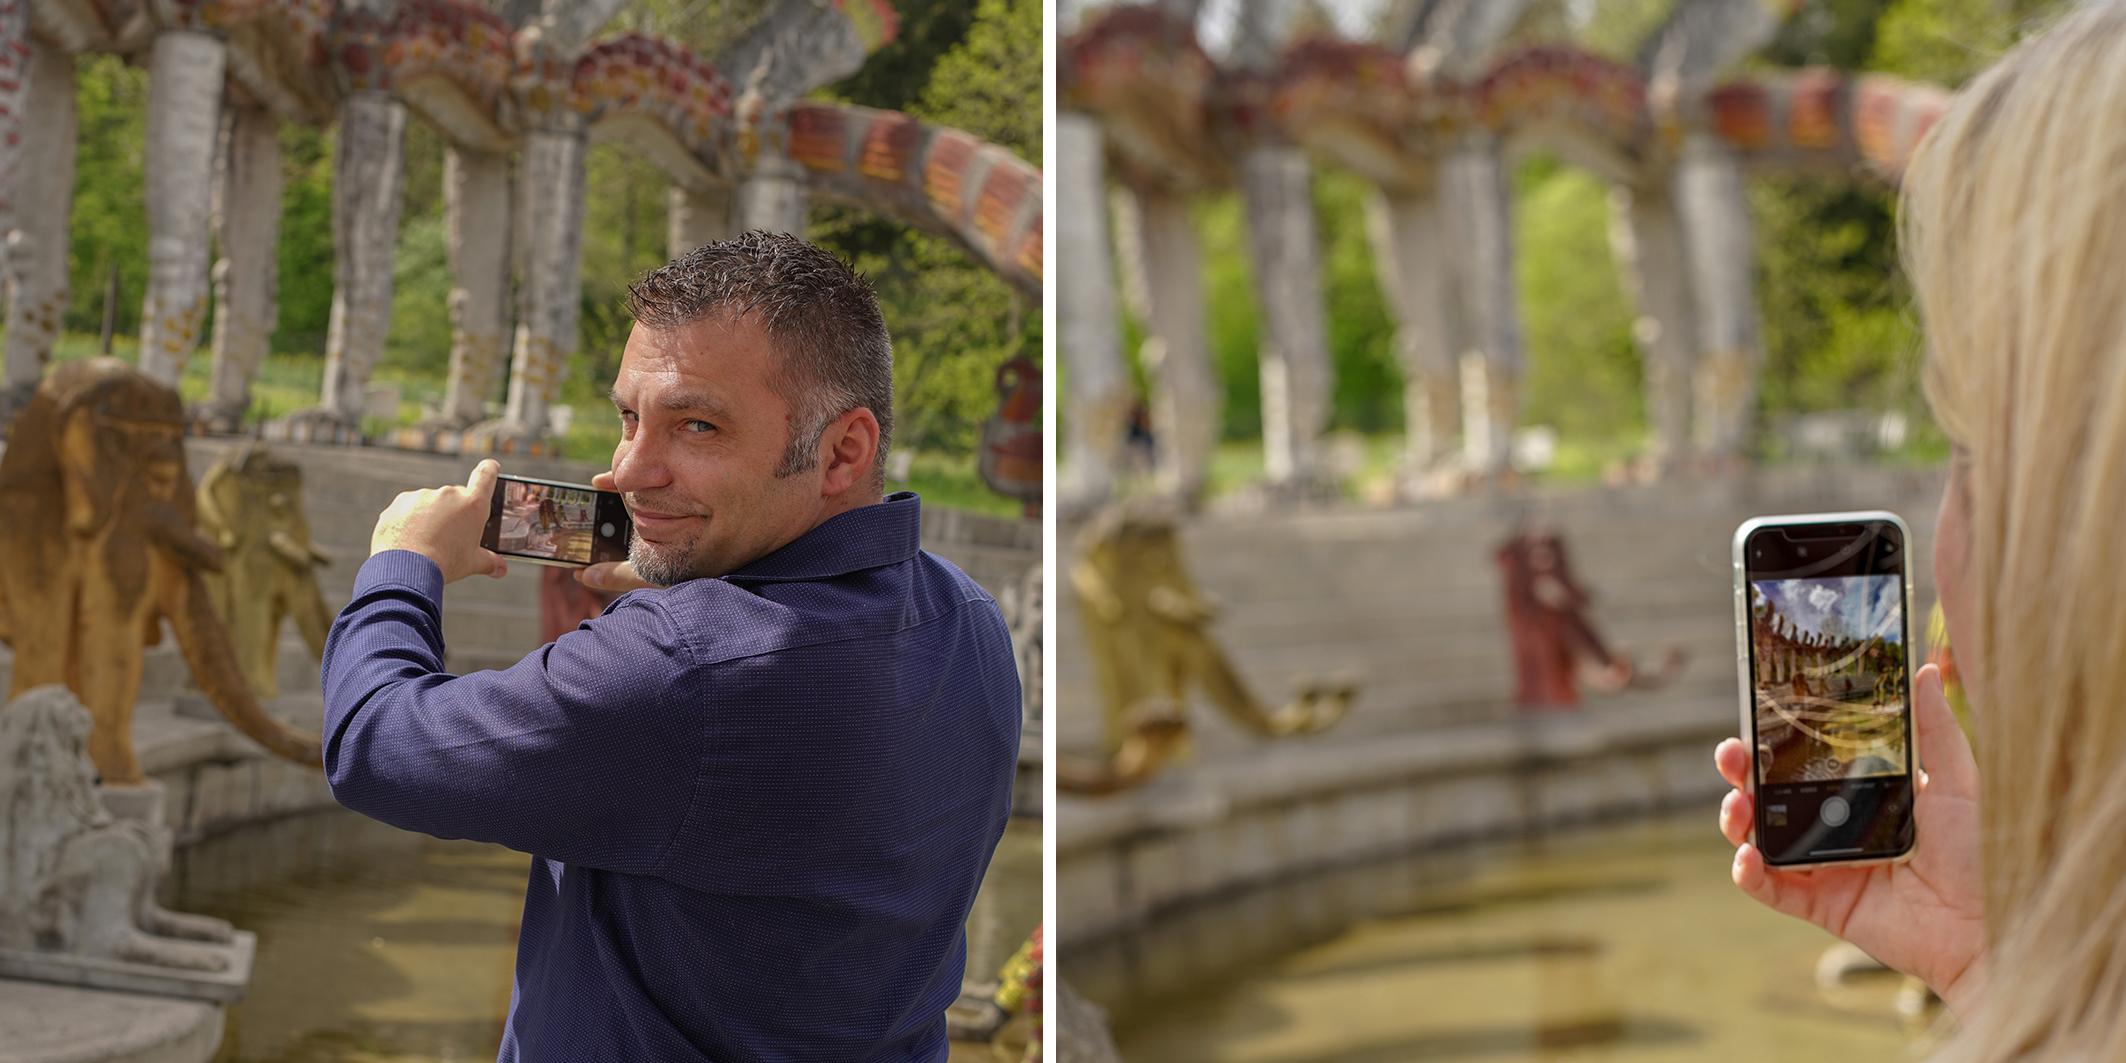 Mit Tipps und Tricks zur besseren Bildgestaltung im praktischen Teil